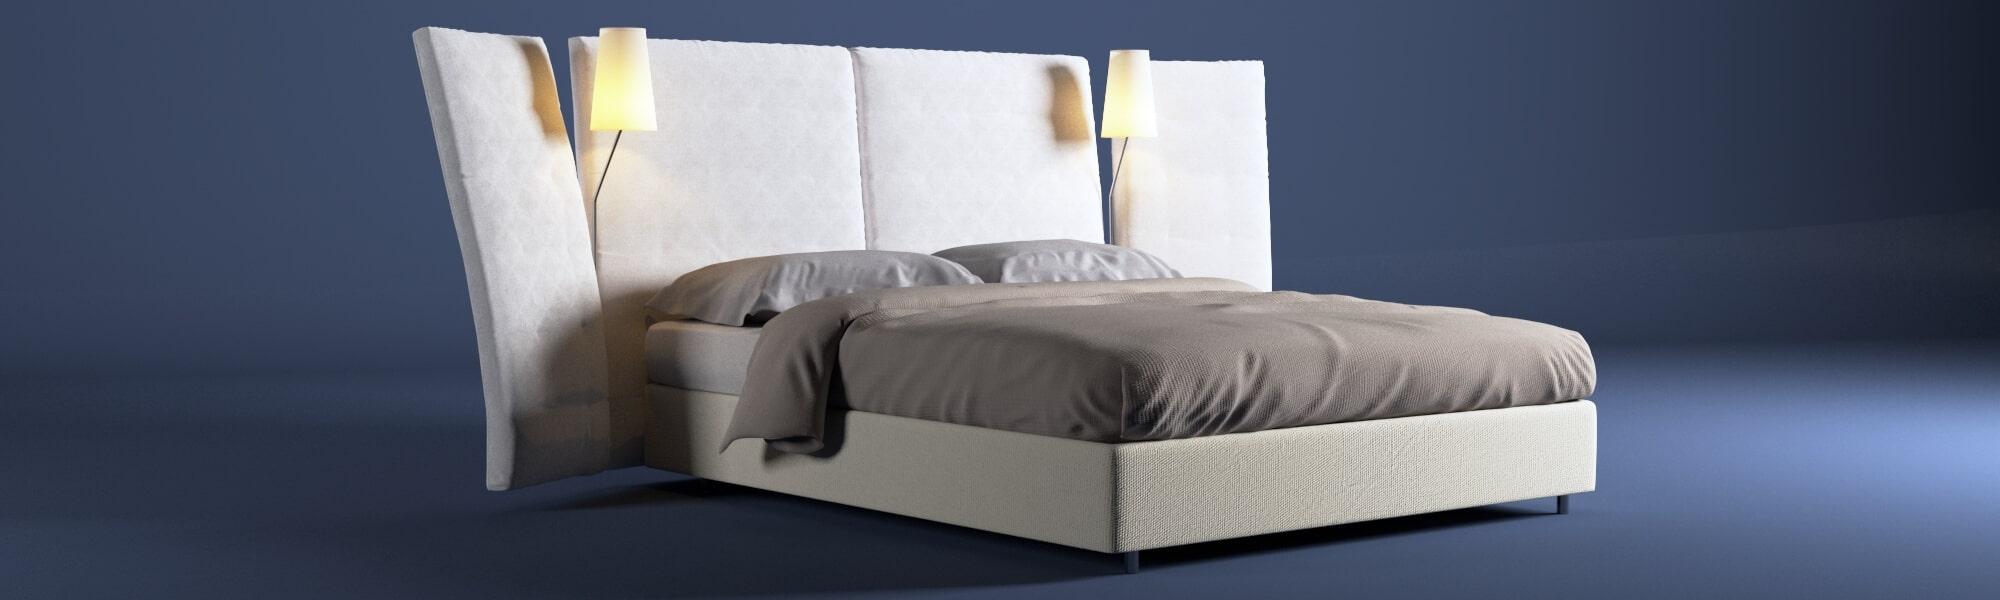 baixar blocos de cama para sketchup final